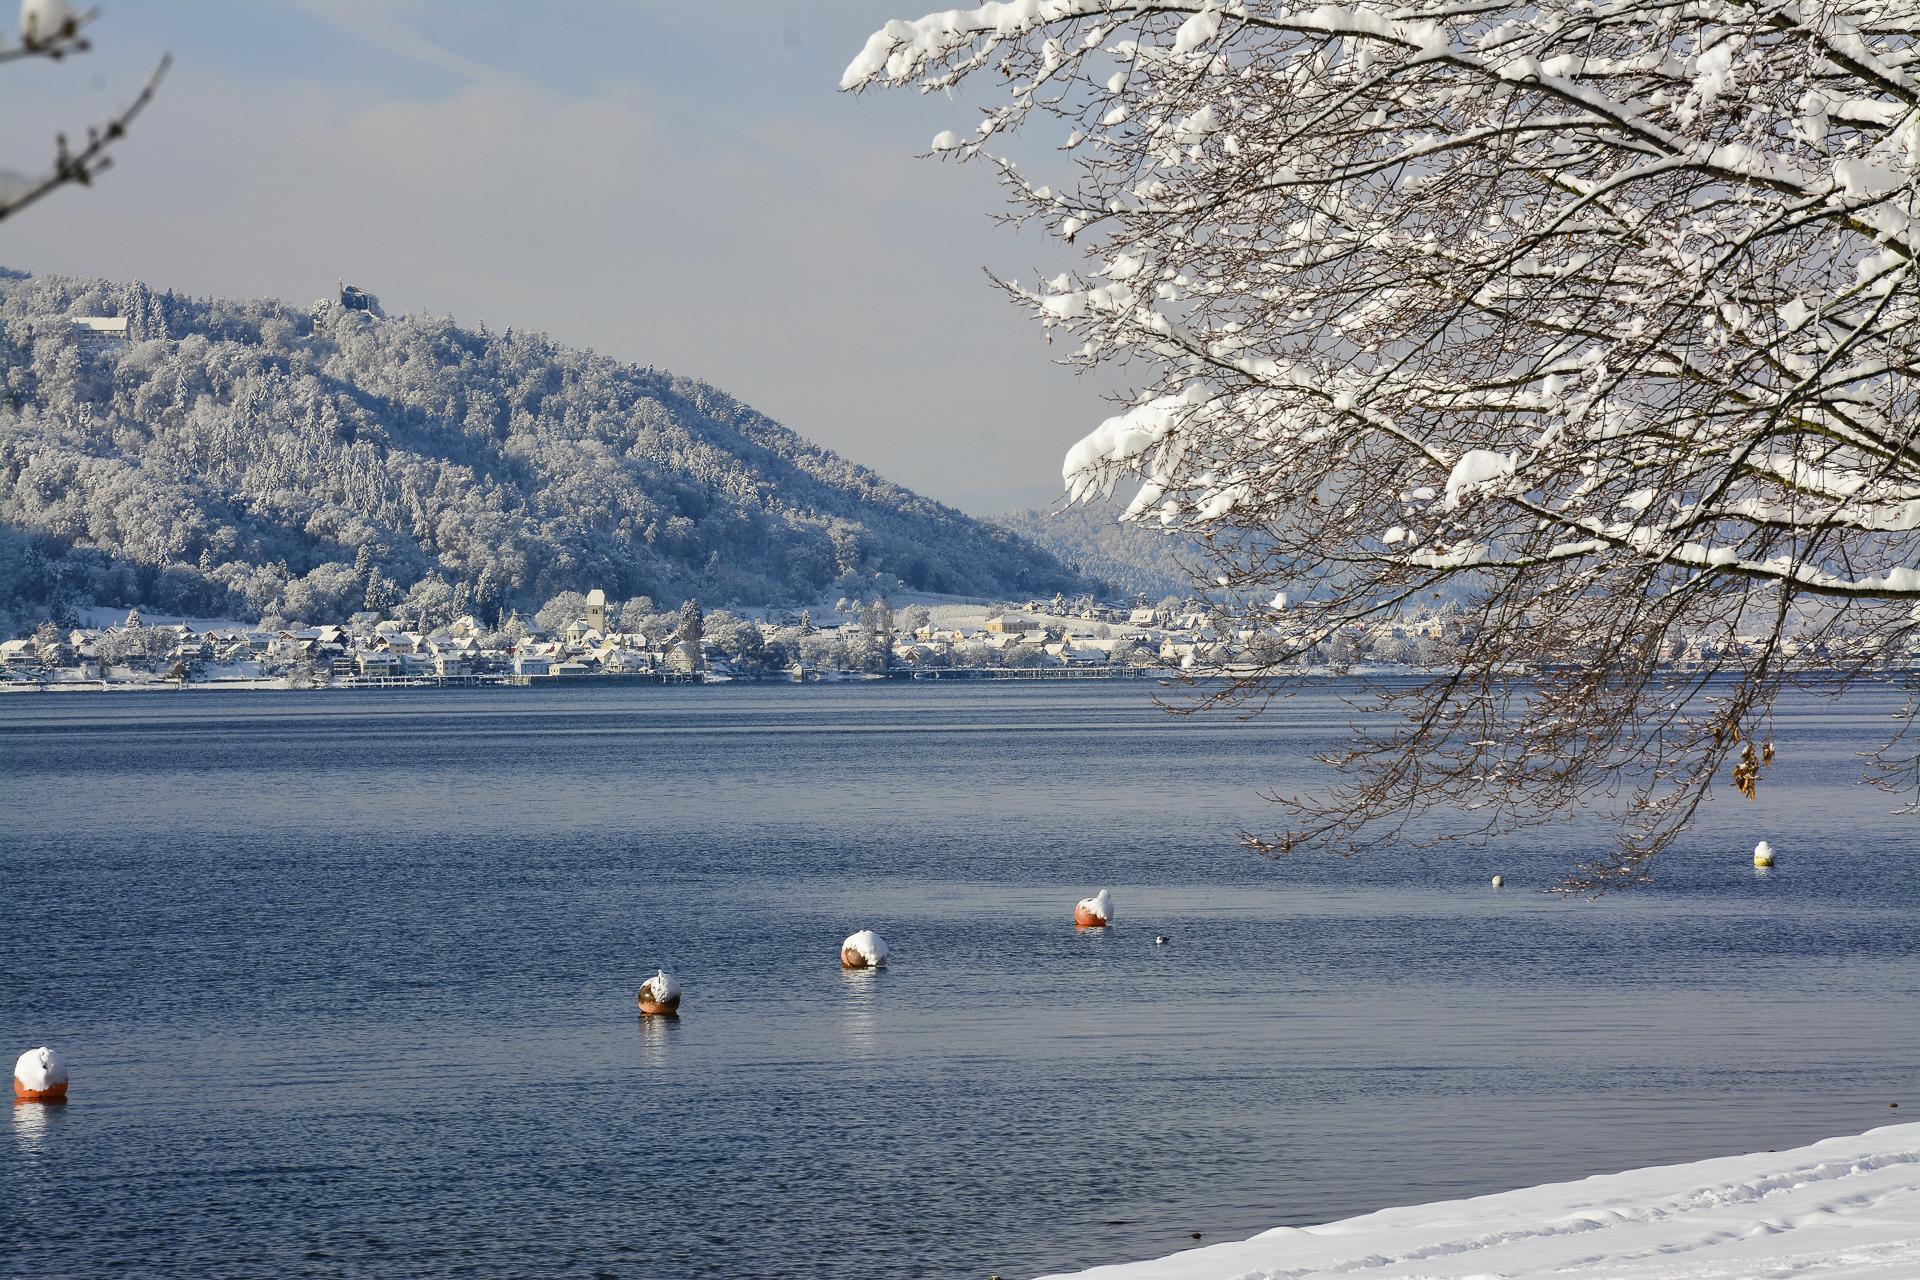 Winterwunderwelt Foto: Michael Schnurr